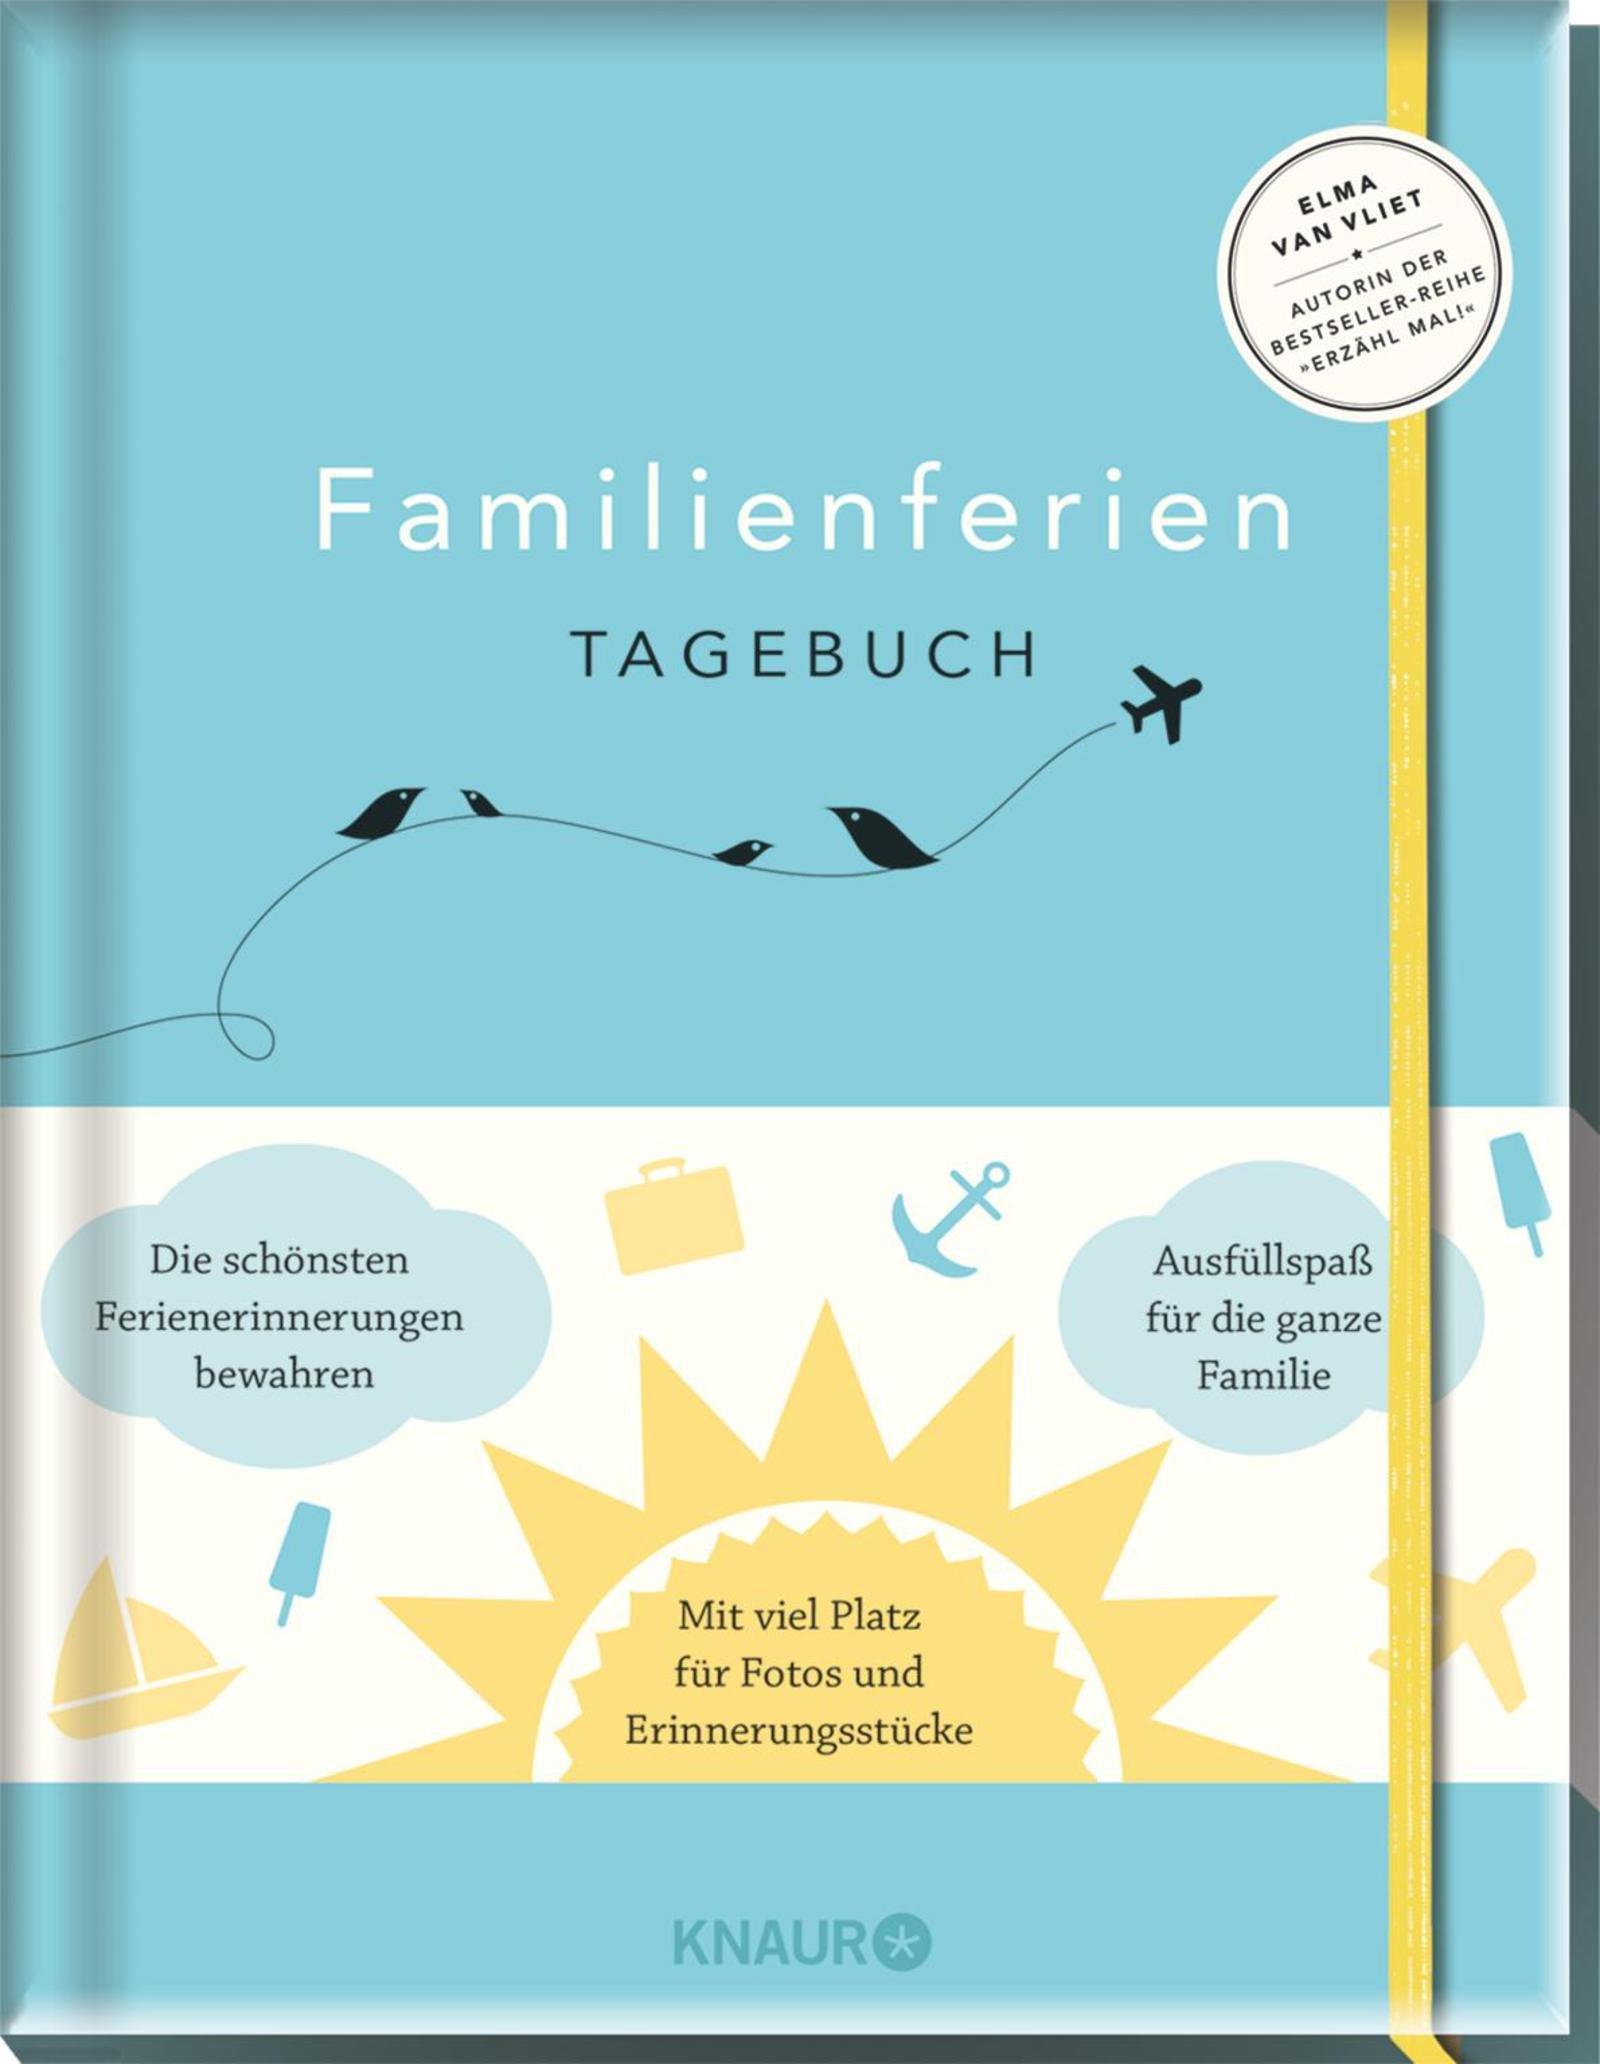 Familienferientagebuch Gebundenes Buch – 1. Februar 2017 Elma van Vliet Ilka Heinemann Matthias Kuhlemann Knaur HC